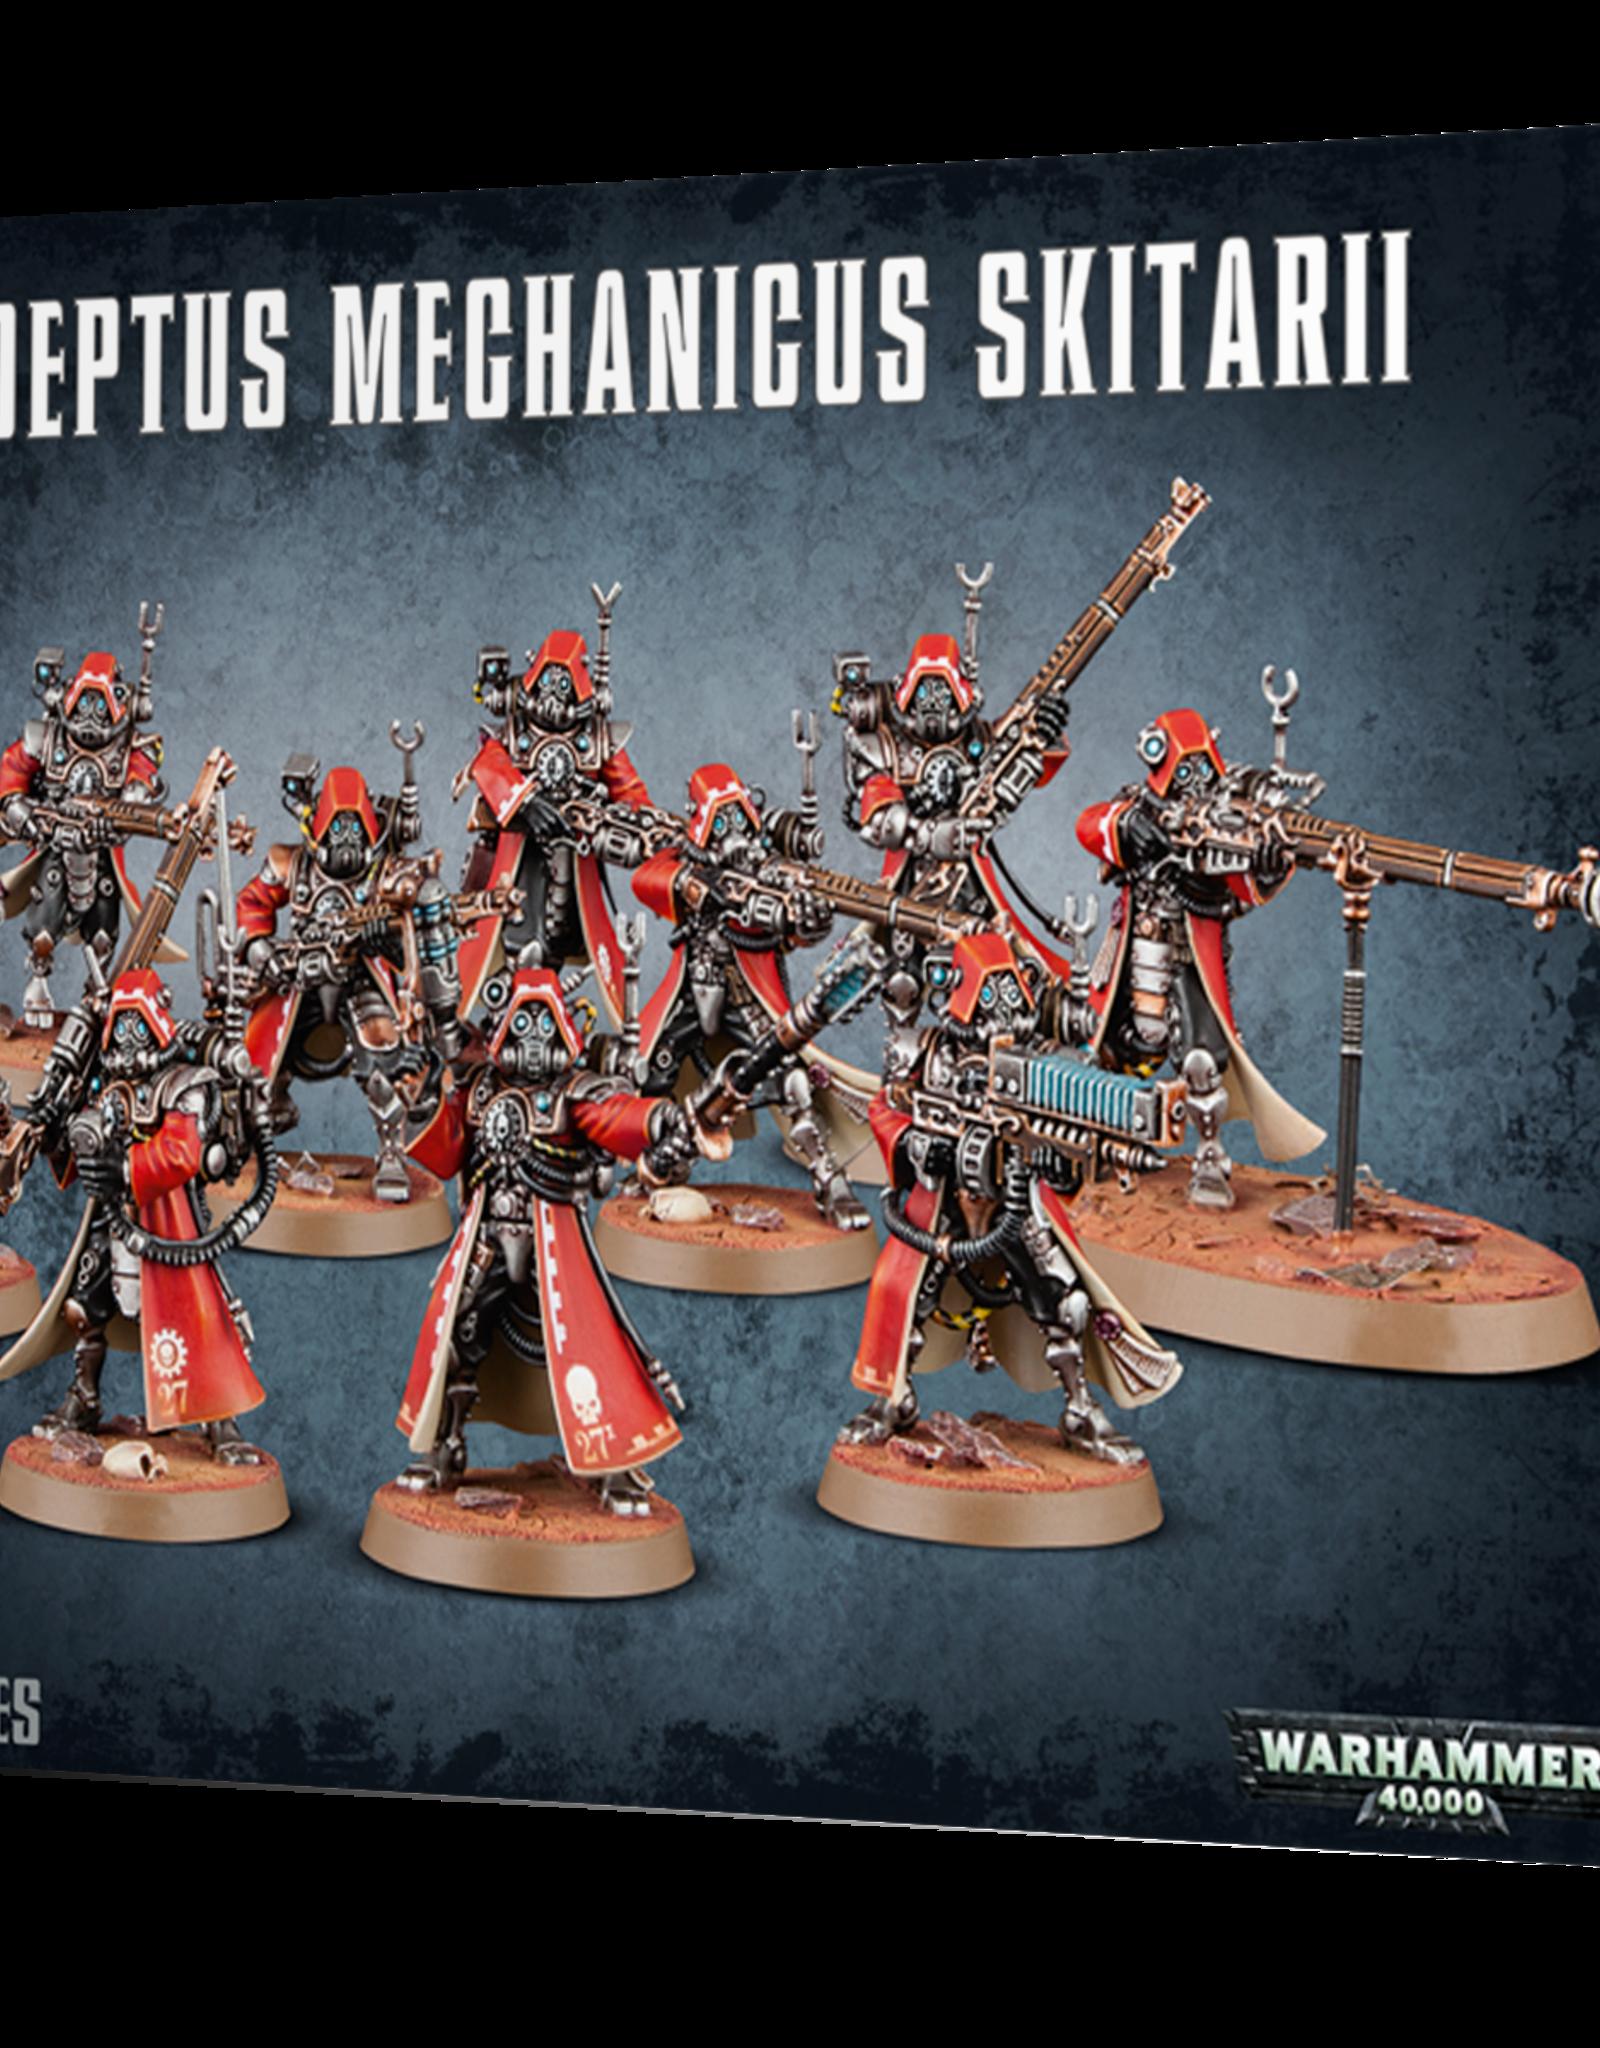 Warhammer 40K Adeptus Mechanicus Skitarii Rangers/Vanguard